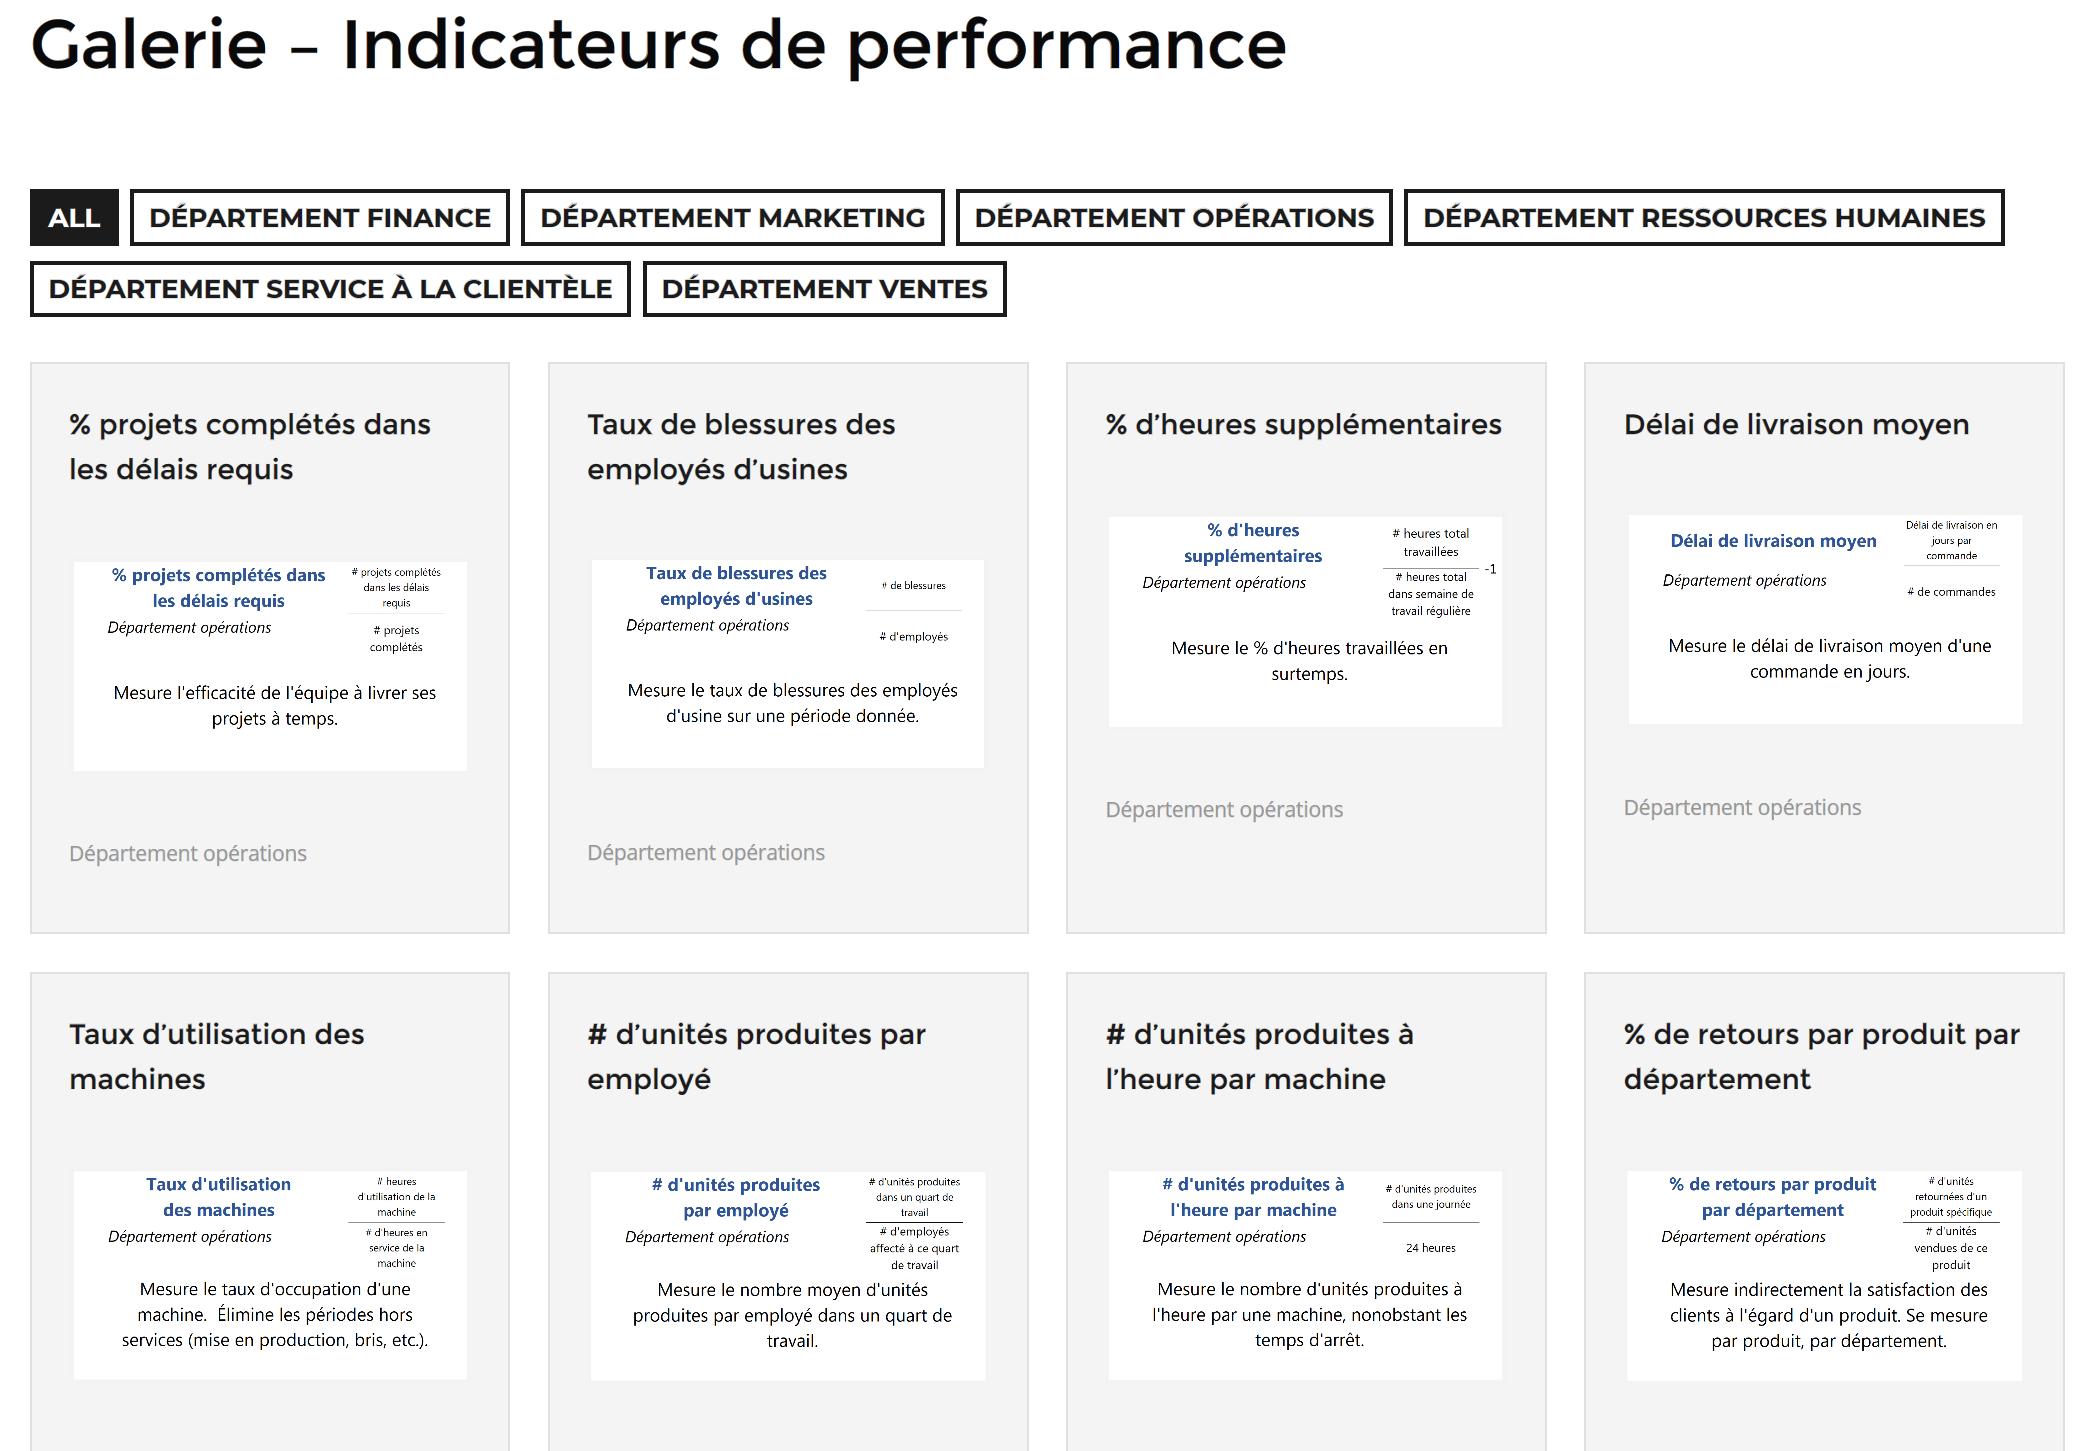 Galerie des indicateurs de performance